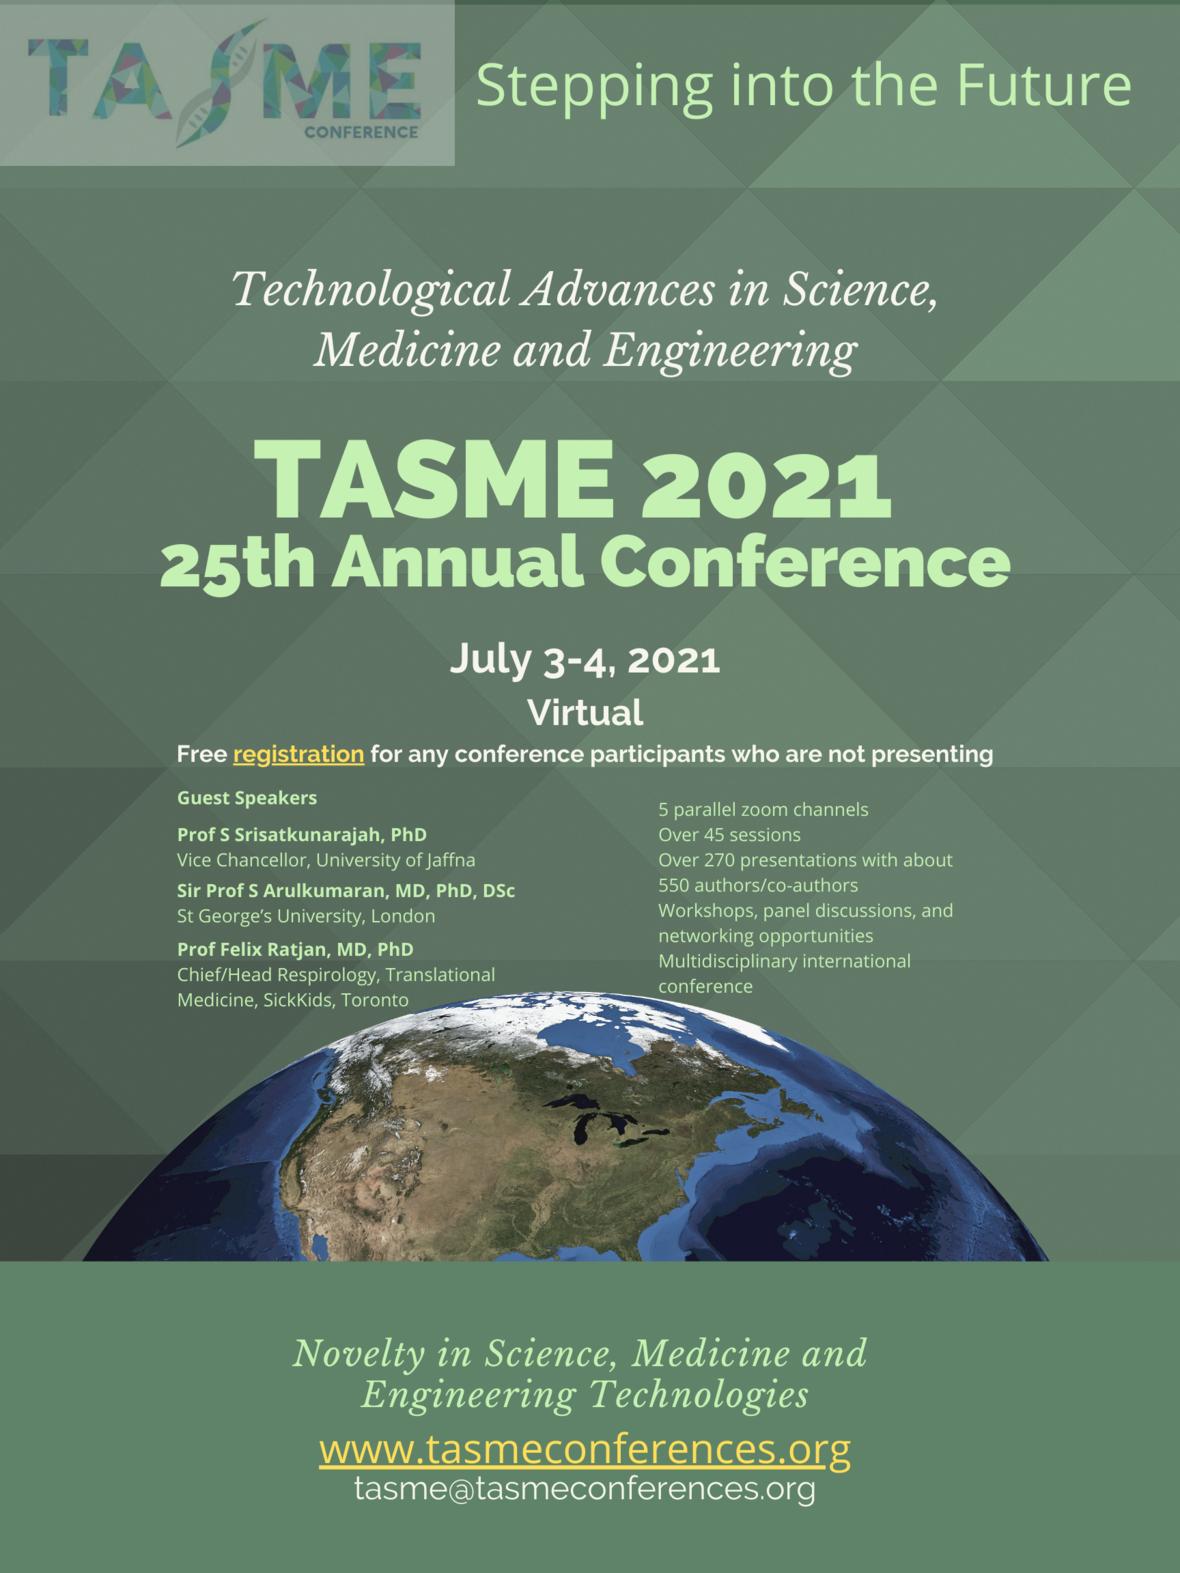 TASME2021